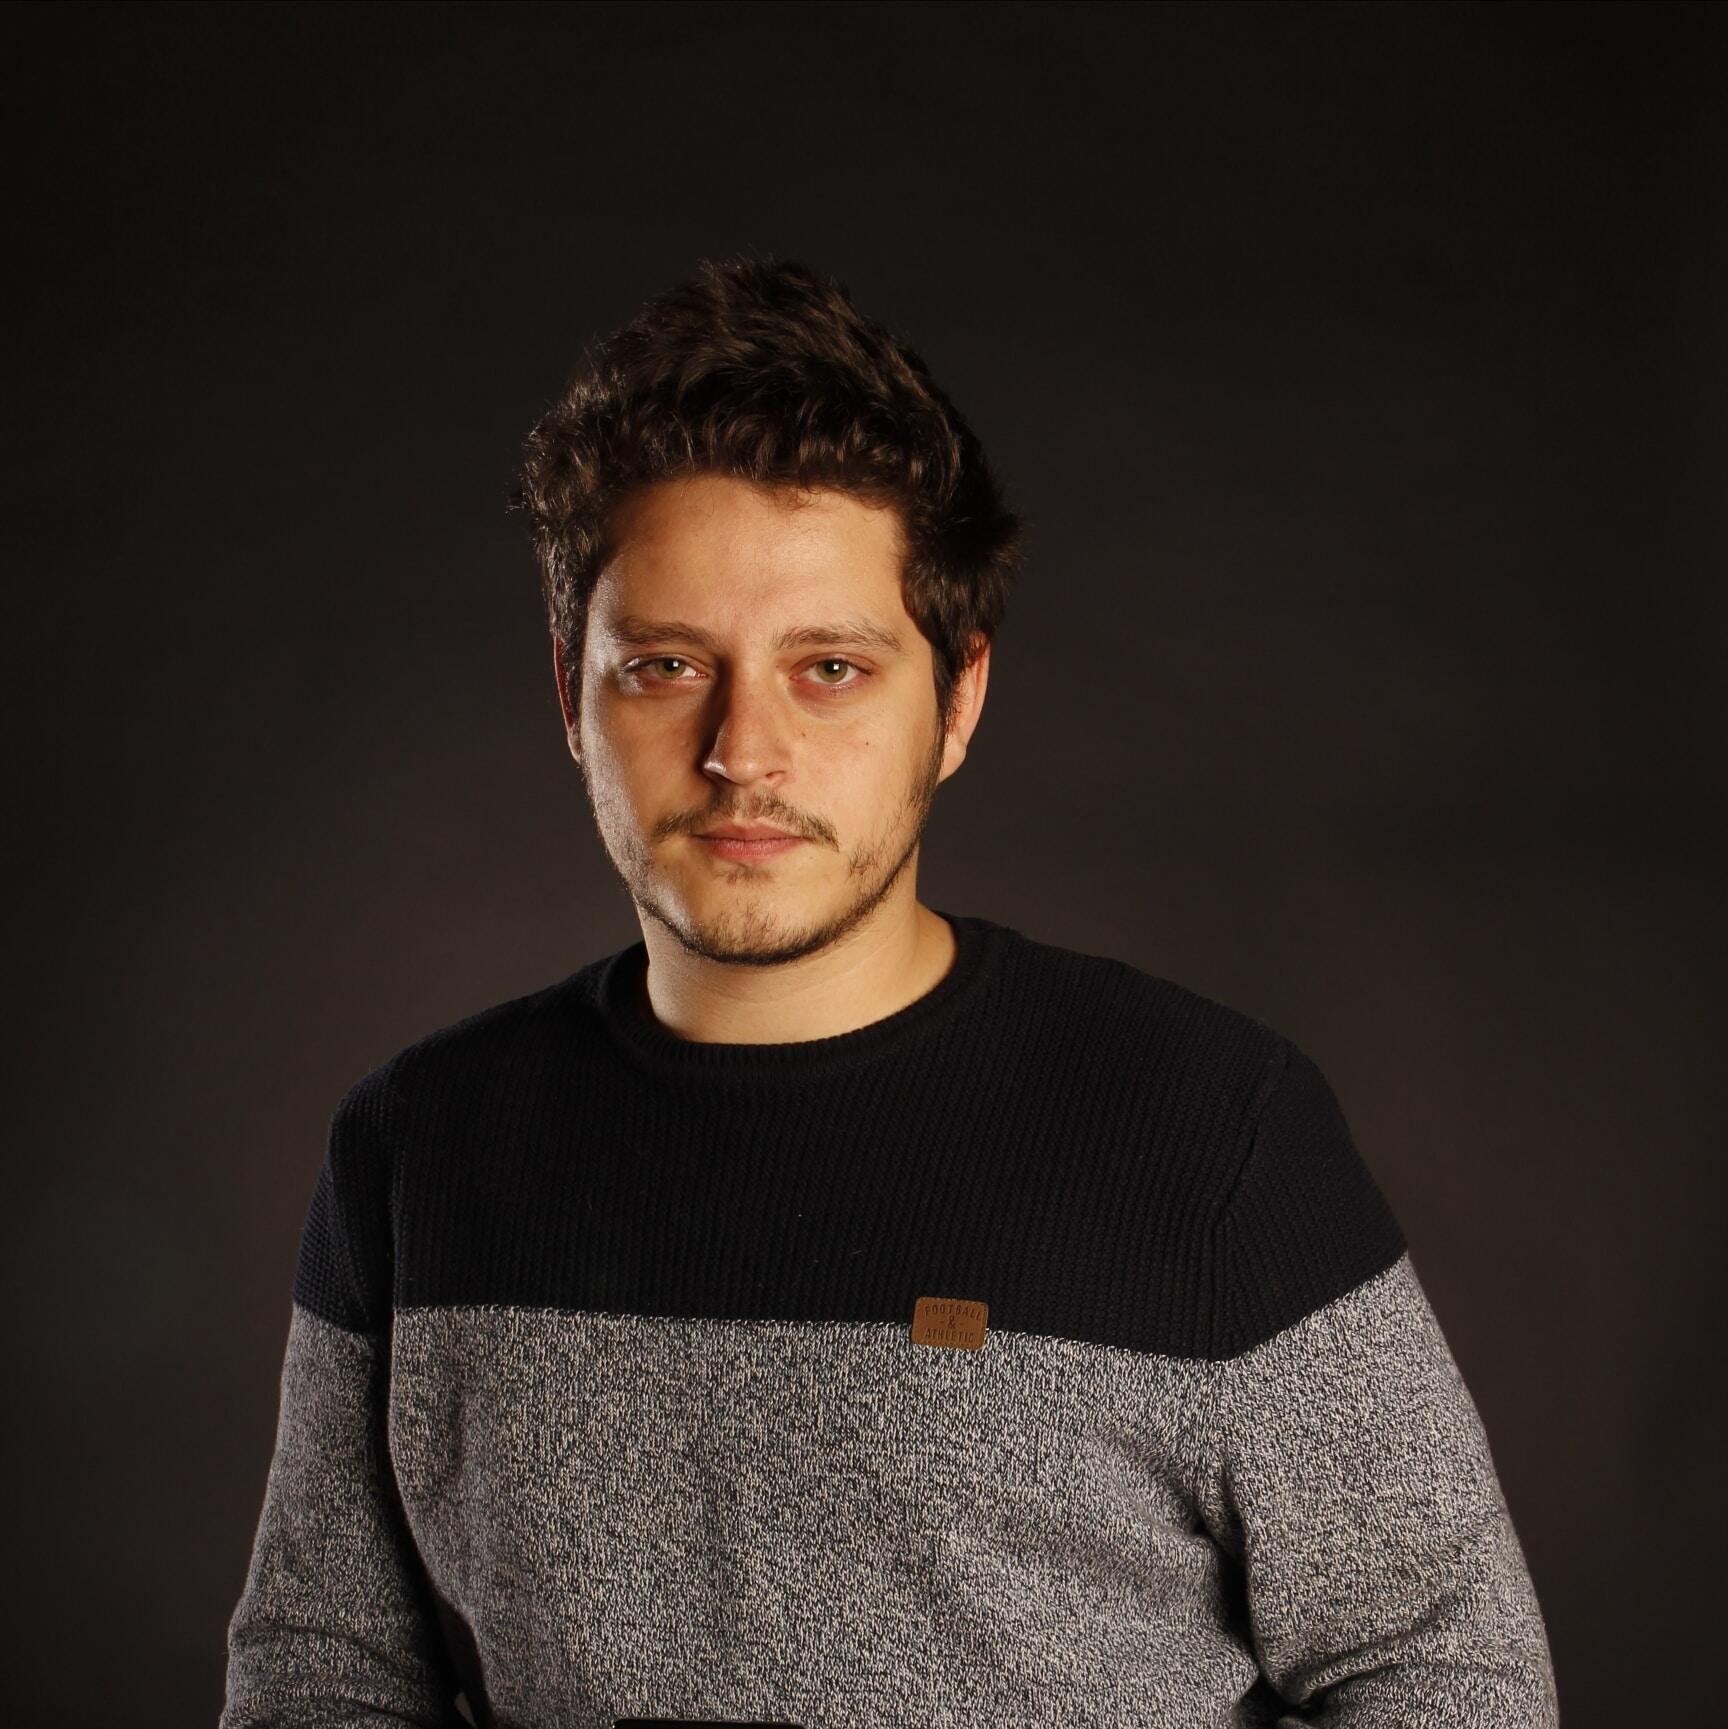 Go to Rafael León Simón's profile